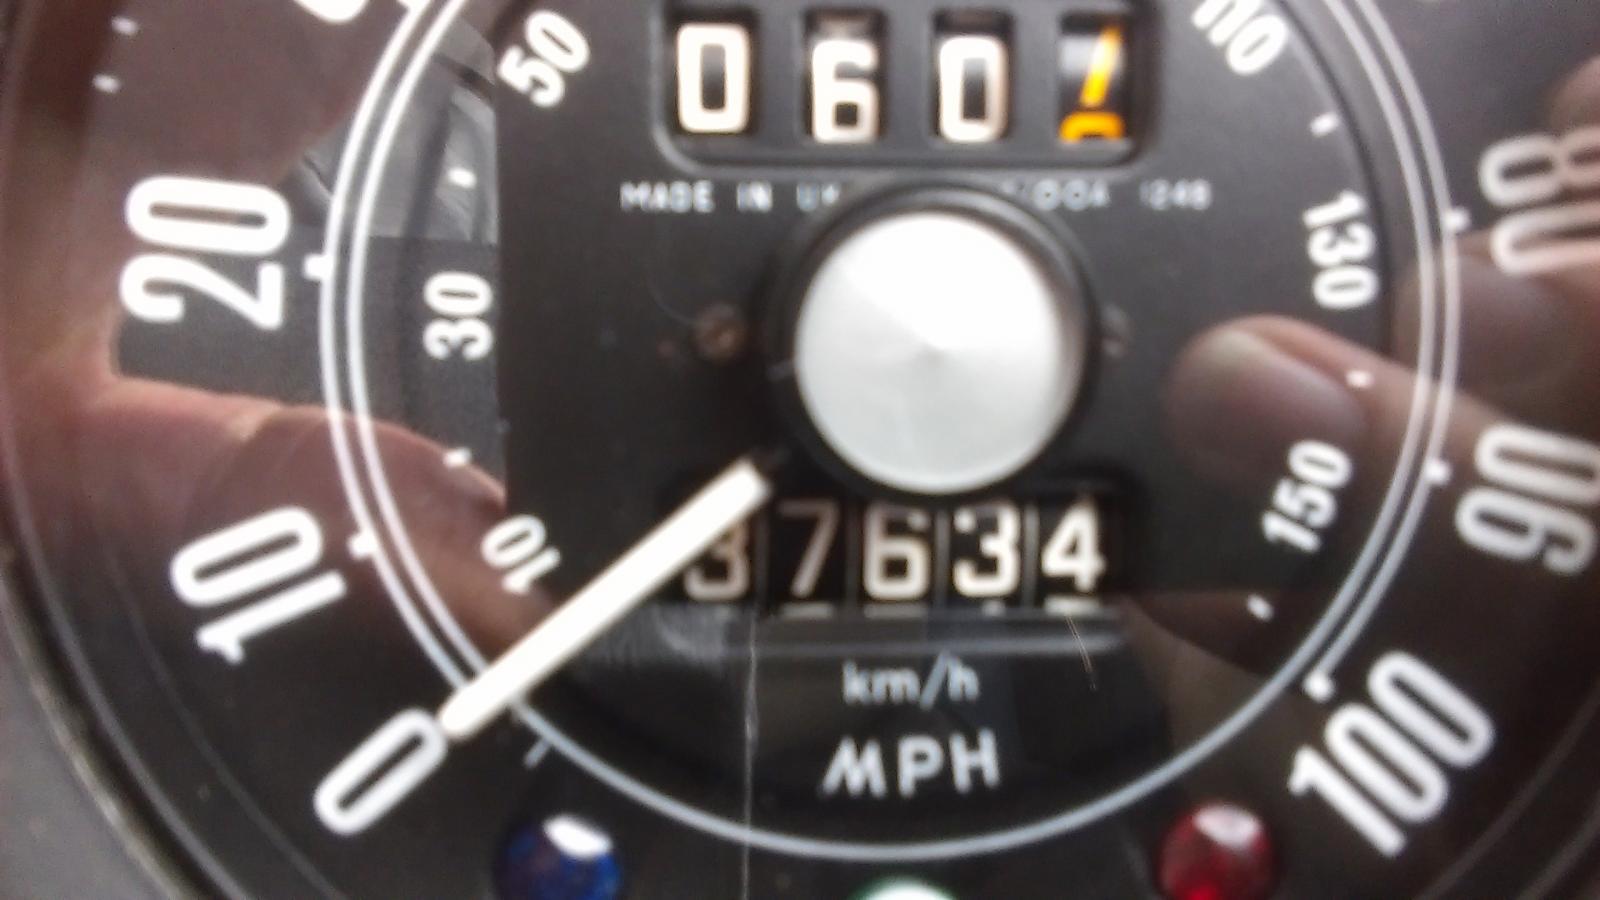 Sonic start mileage.jpg